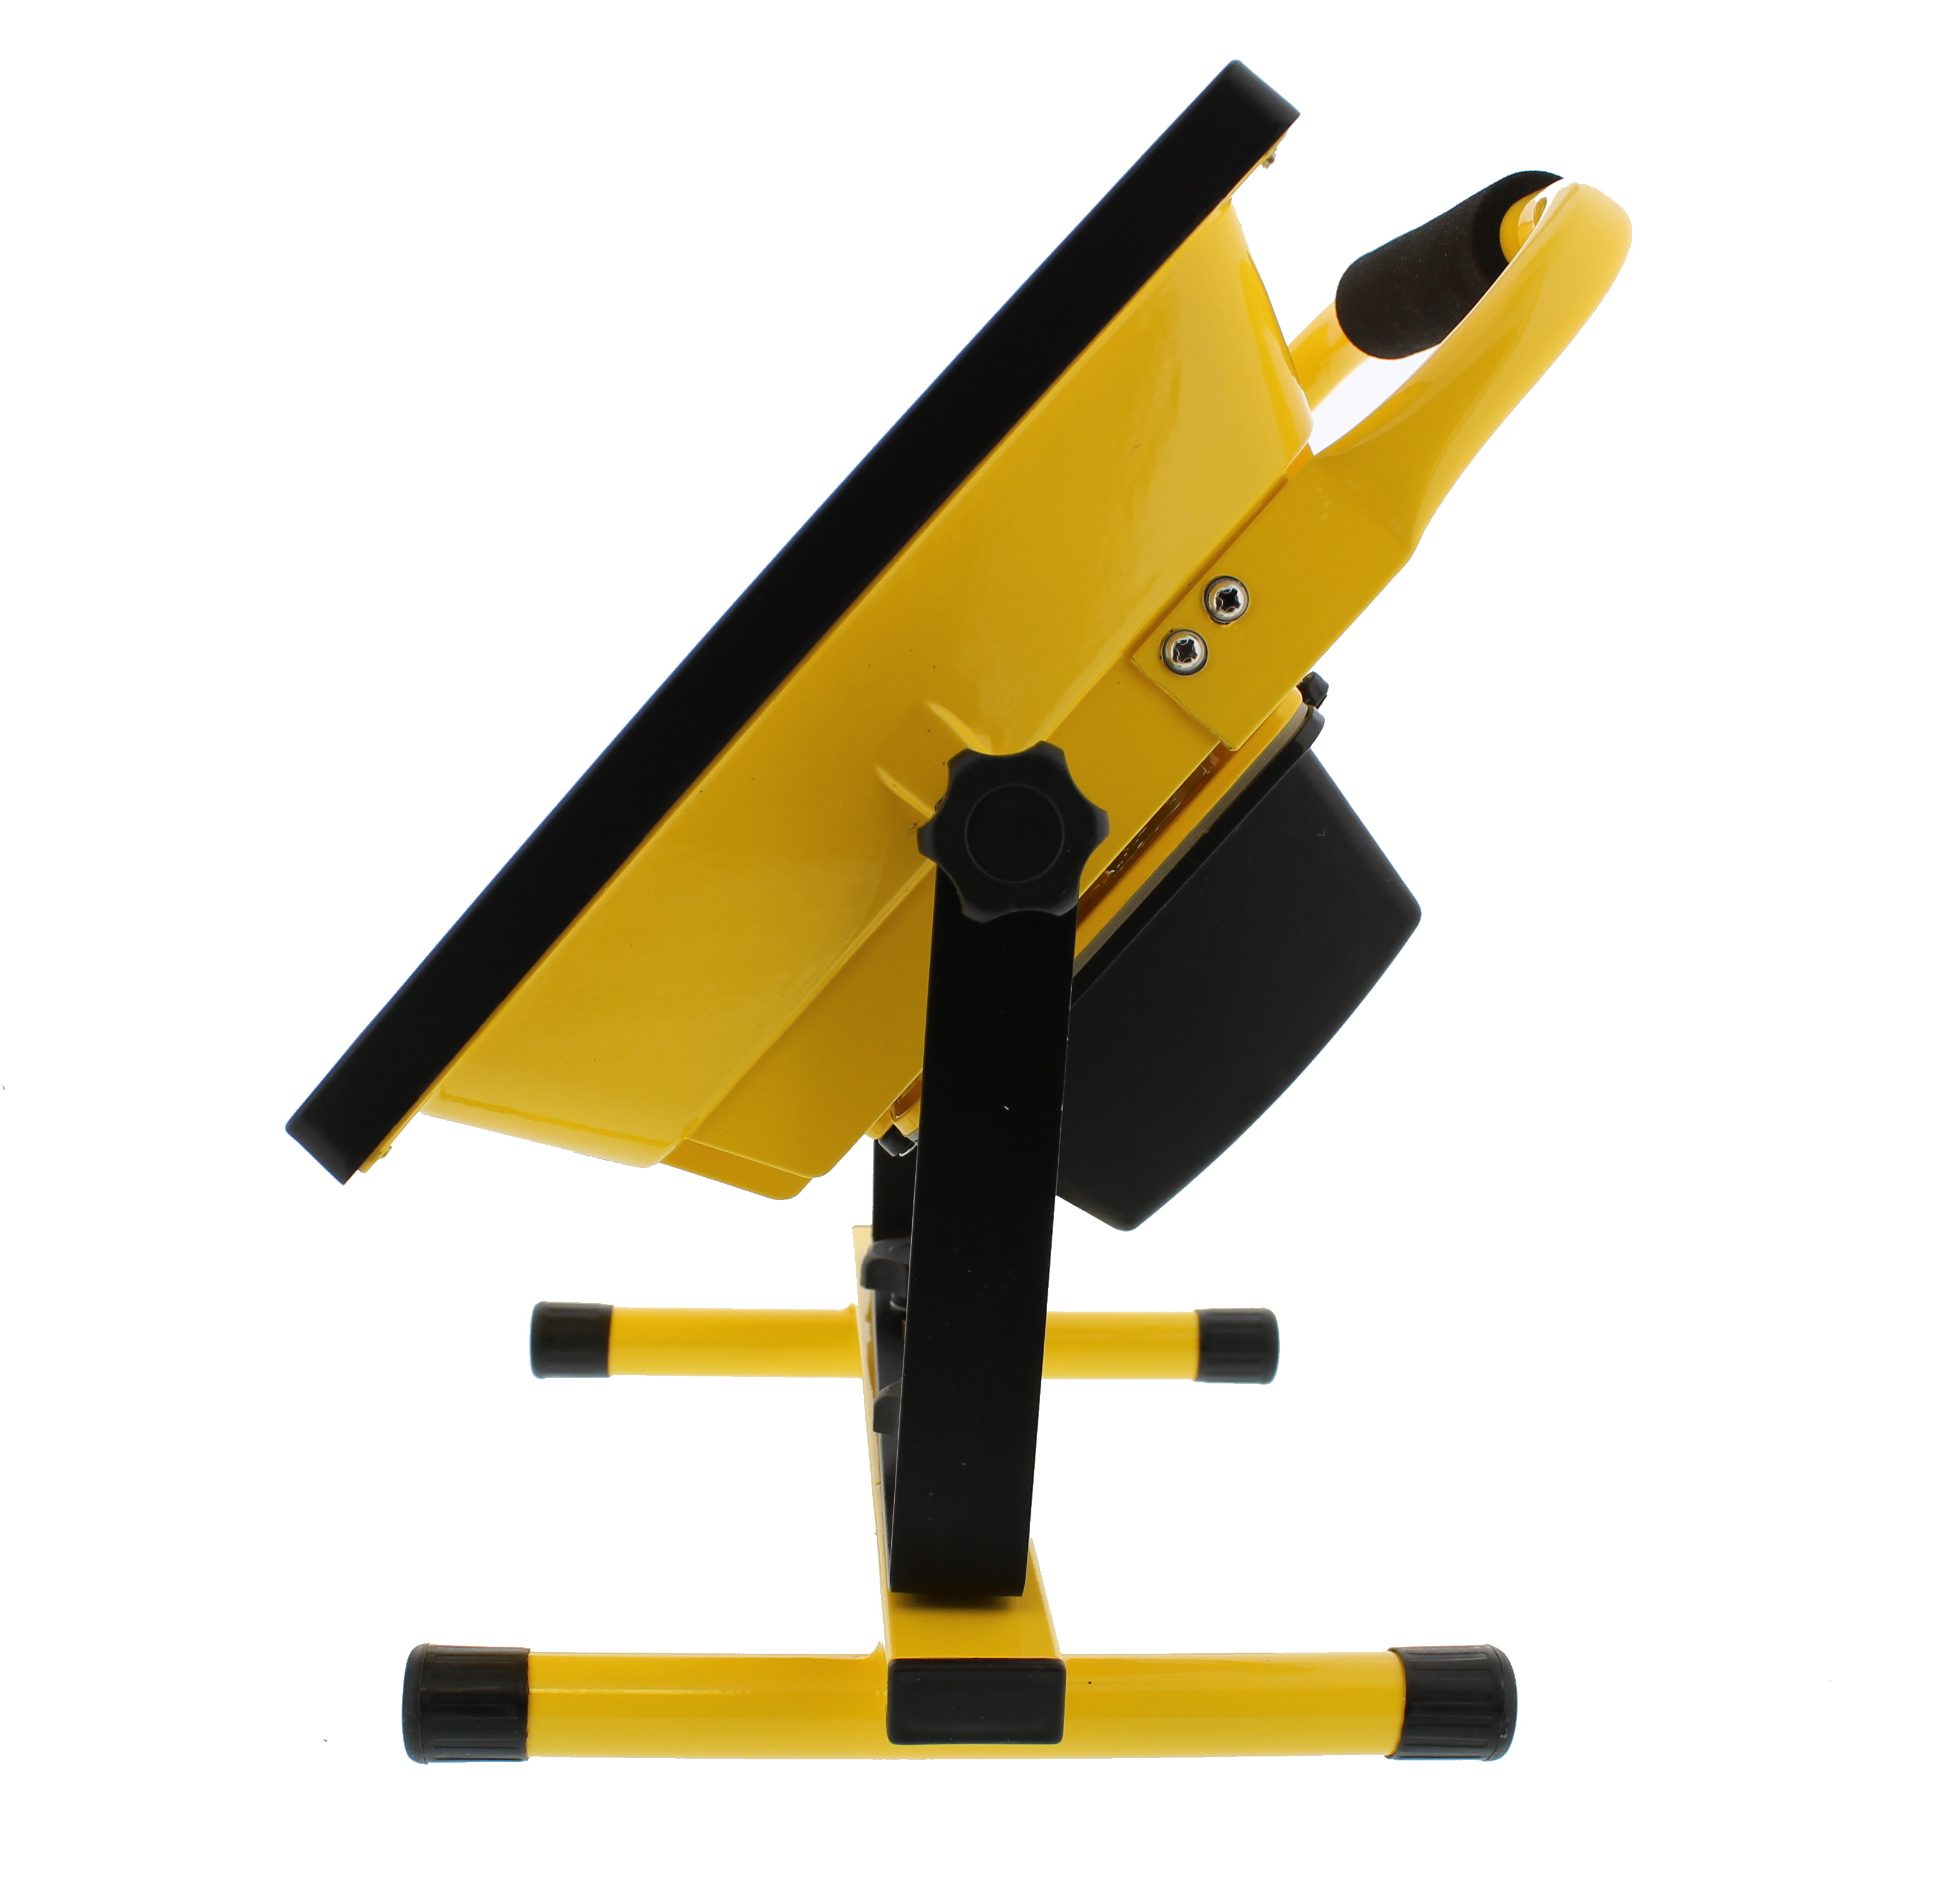 12 Watt Rechargeable Portable Led Work Light For Workshop: Rechargeable LED Work Light – 50W 4500LM Cordless